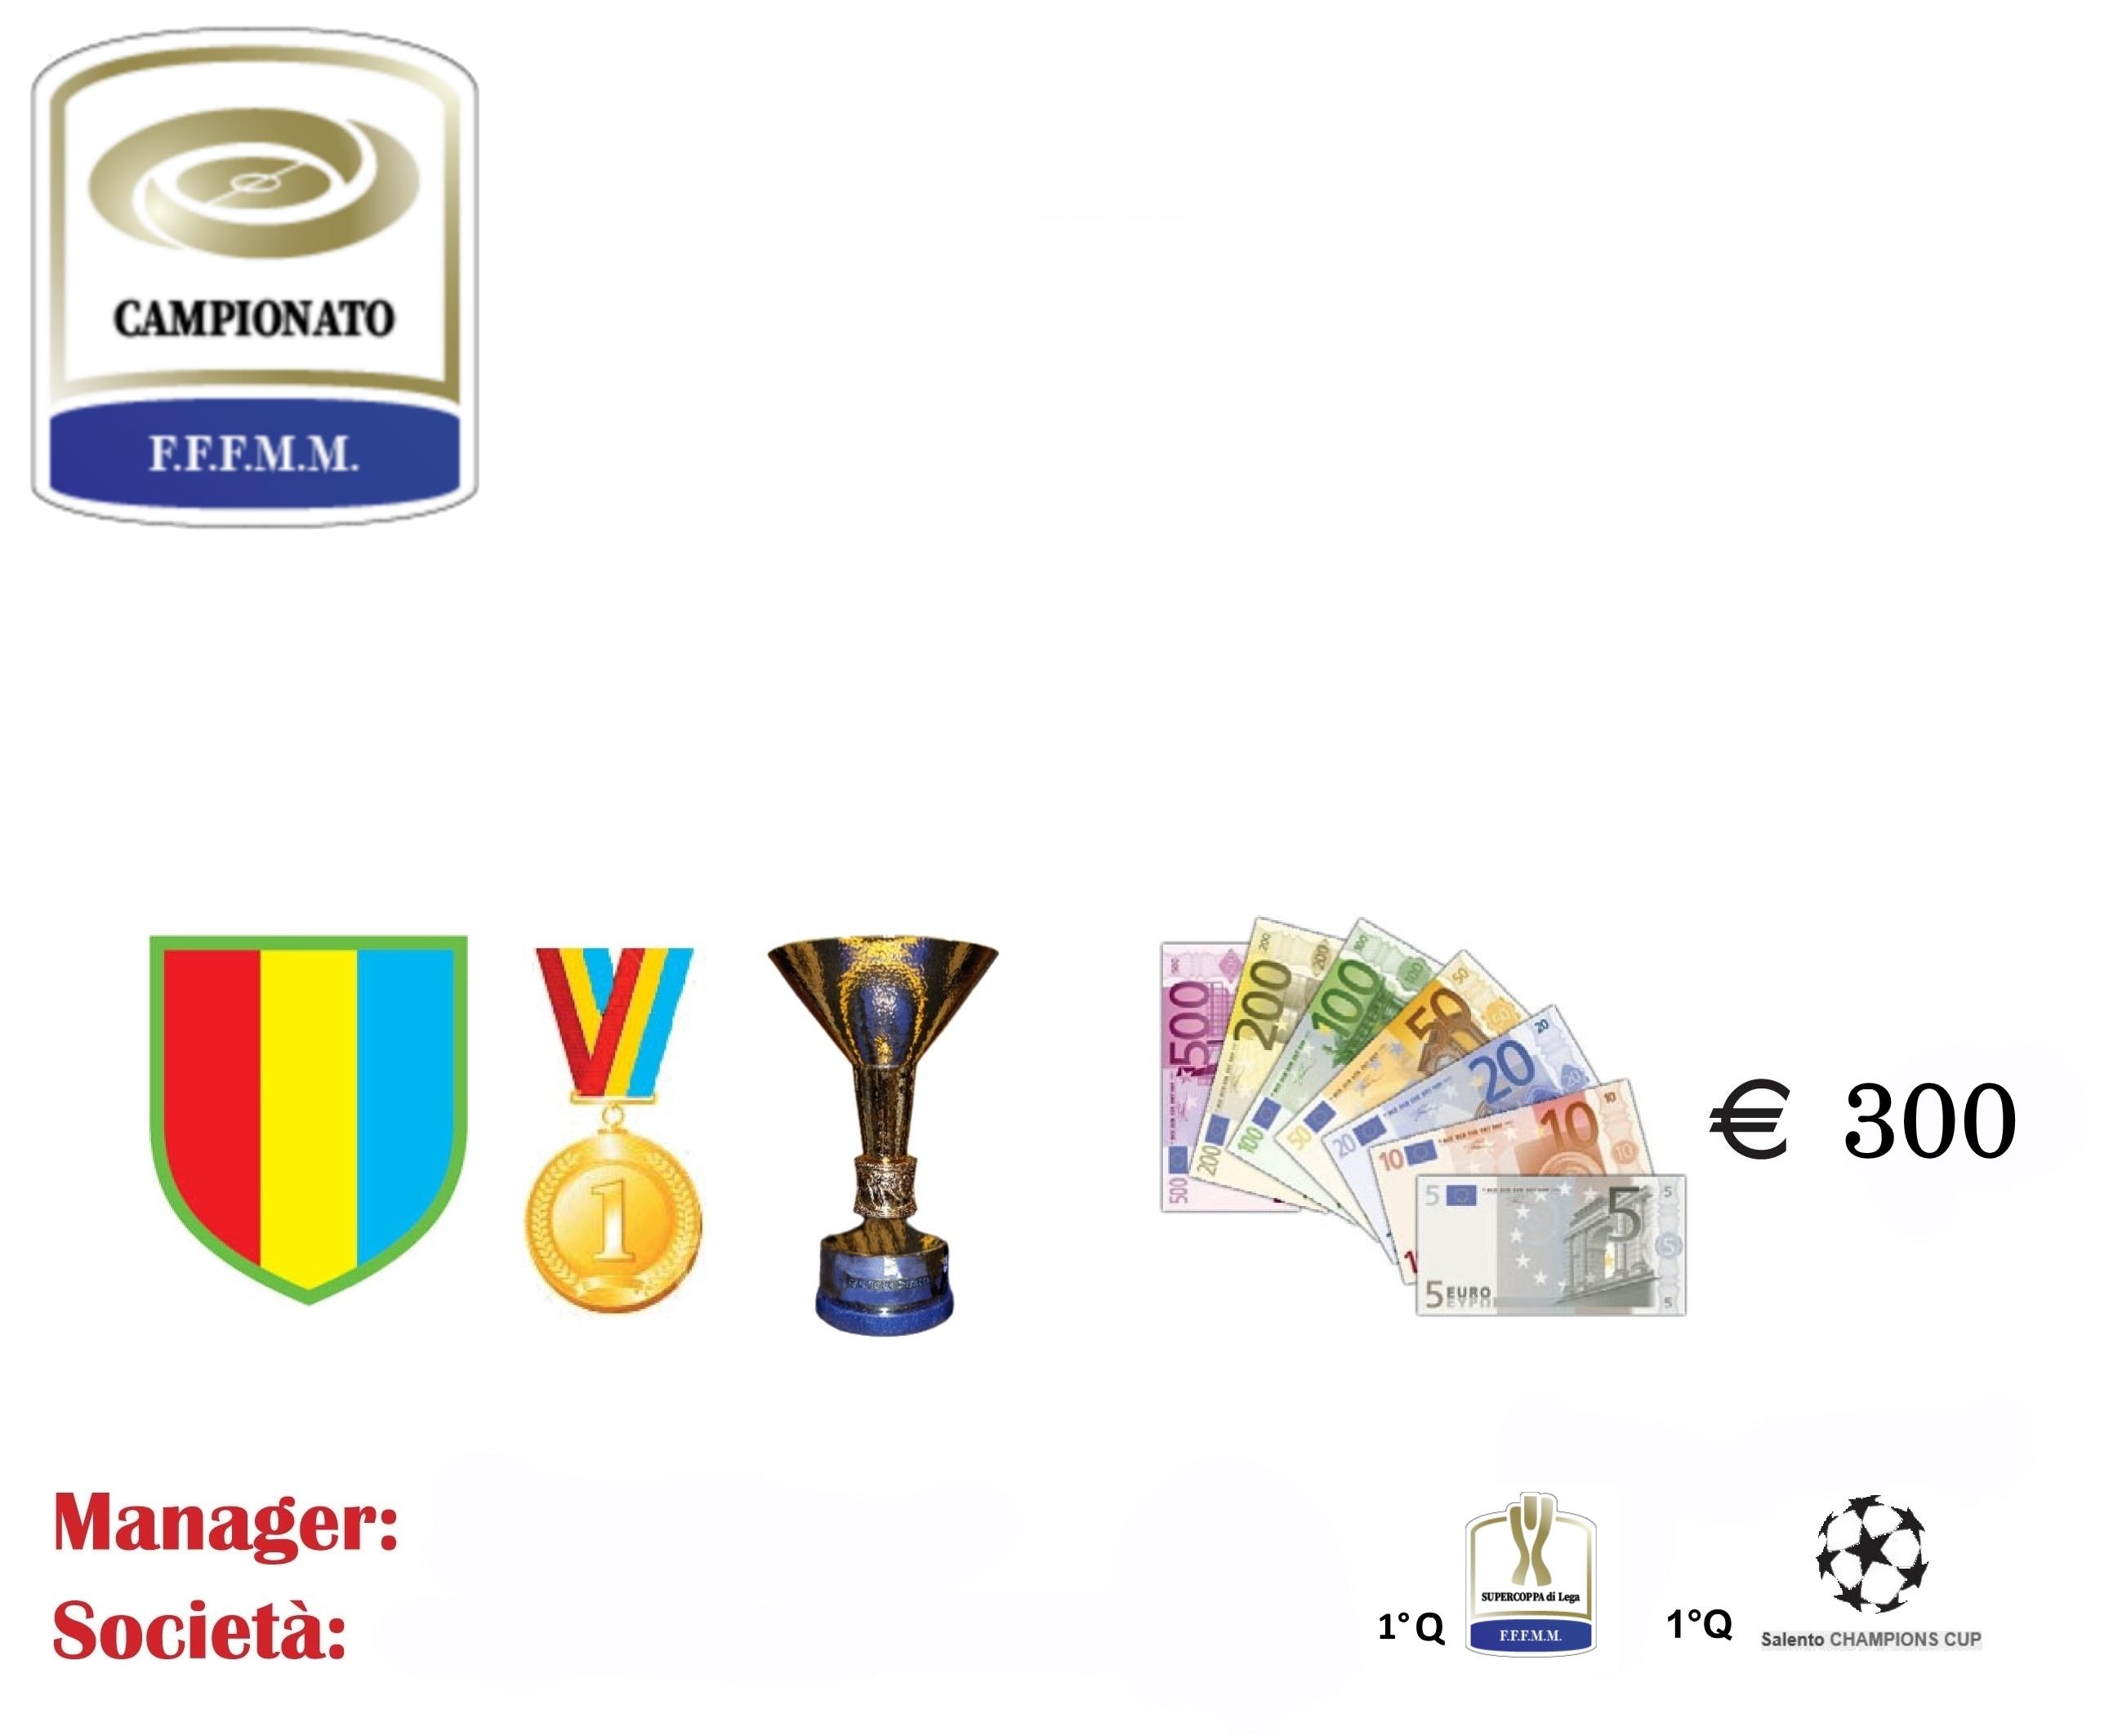 busta_campionato_oro